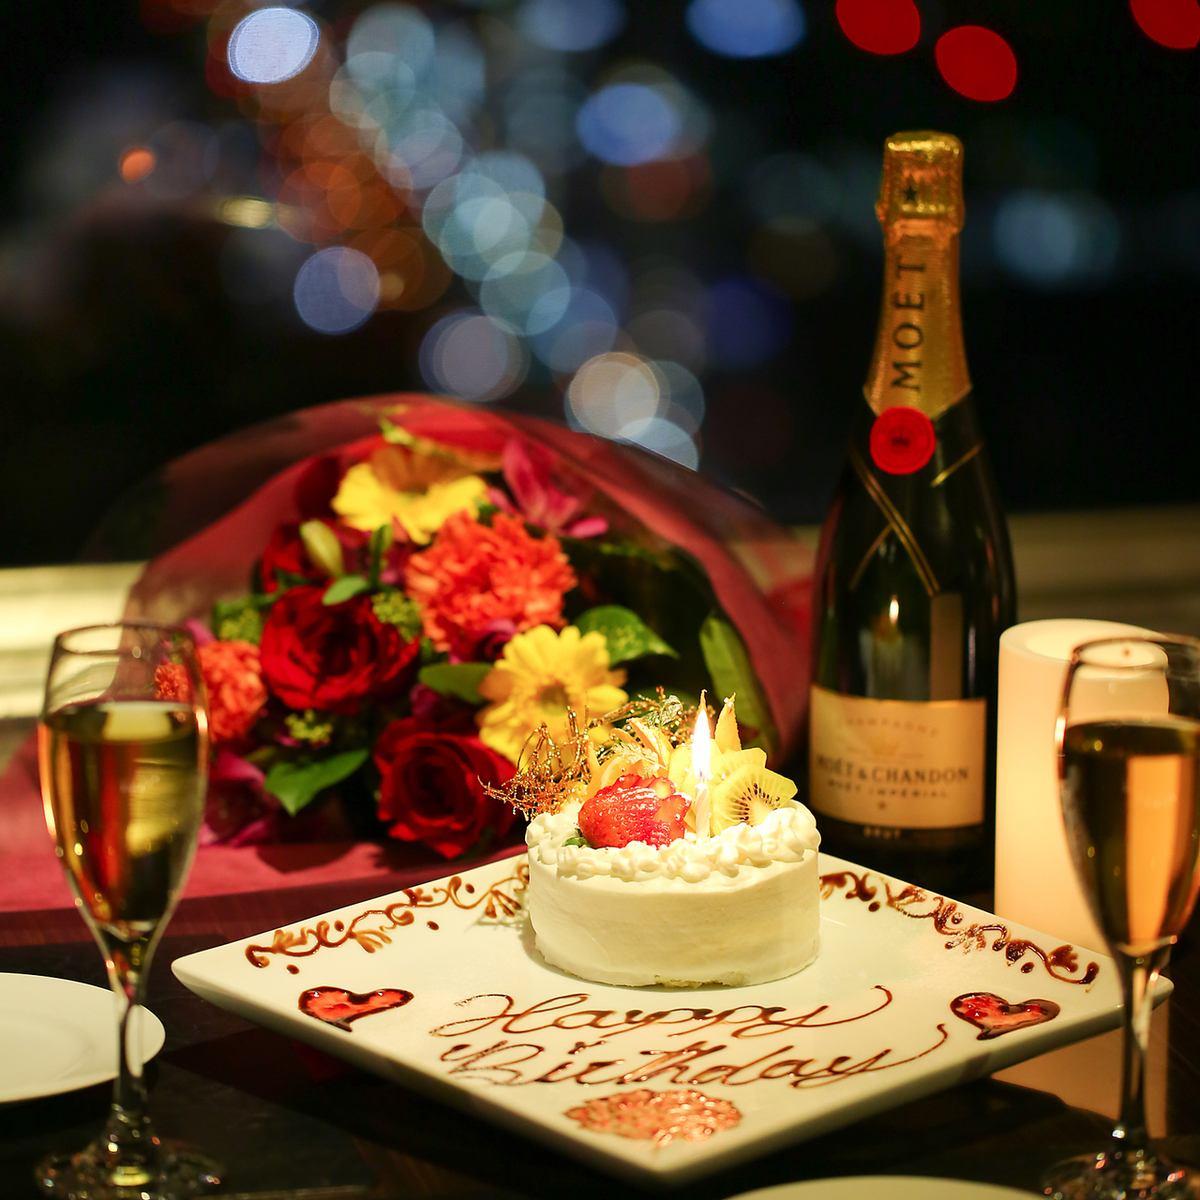 夜景とケーキで特別な日を演出★フォトフレームもプレゼント♪